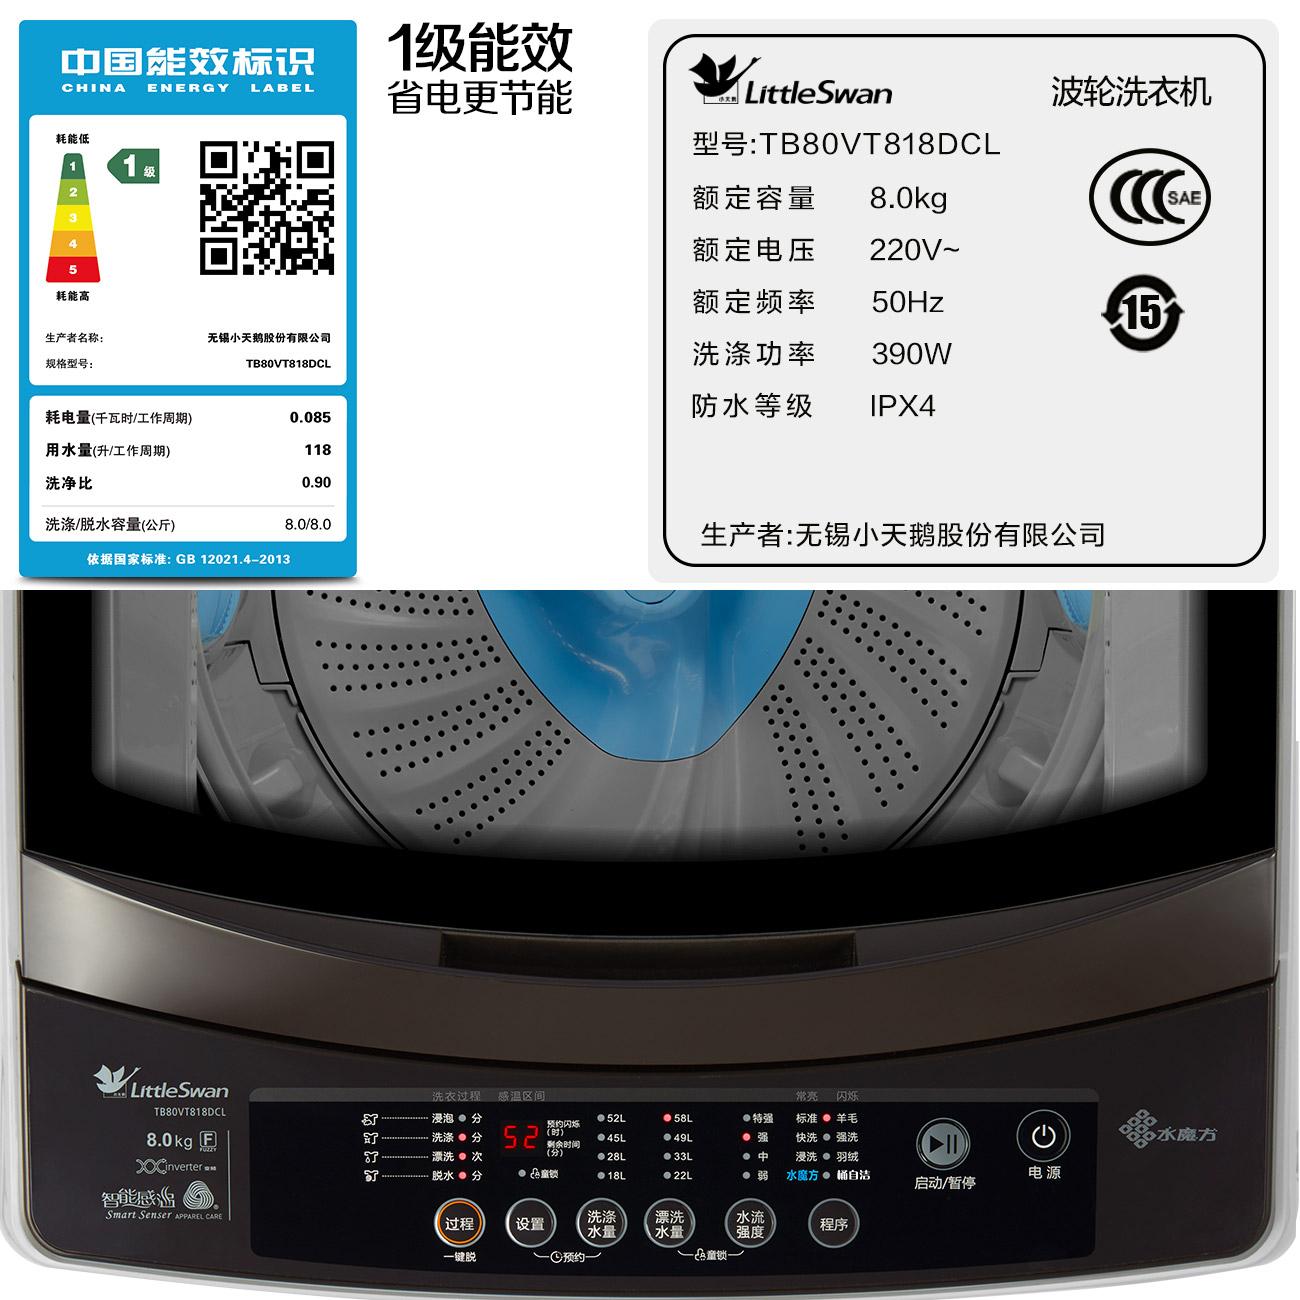 小天鹅8kg水魔方全自动家用智能直驱变频波轮洗衣机TB80VT818DCL优惠券